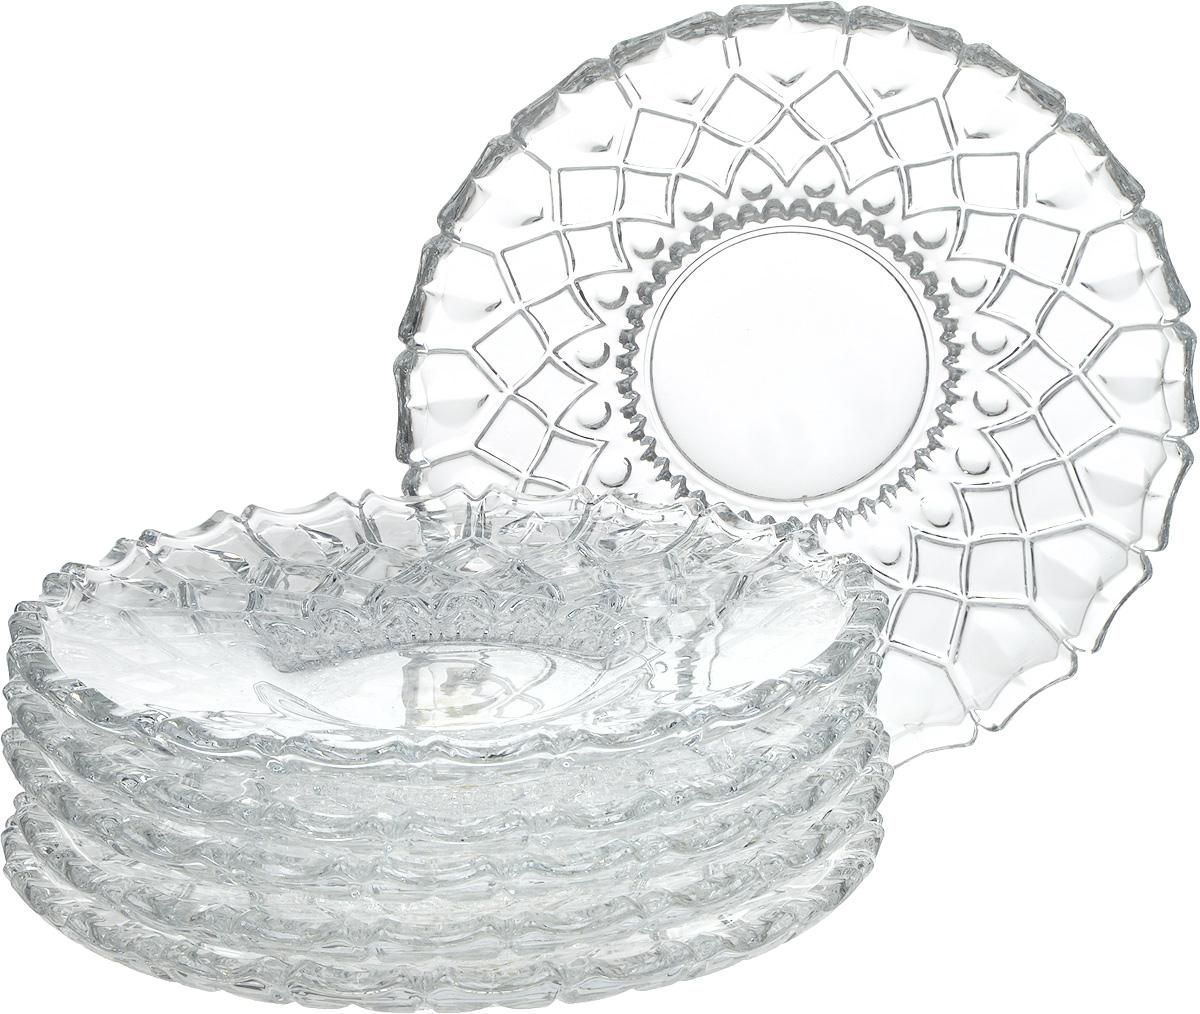 """Блюдо на ножке Isfahan """"Paris"""", выполненное из высококачественного стекла, оригинально  украсит праздничный стол и поможет красиво расположить торт или пирог. Блюдо с рифлеными  краями установлено на изящную ножку.  Такое изделие из иранского боросиликатного  стекла - новый тренд на рынке посуды. Оно легче хрусталя, но при этом выглядит достаточно  """"хрустально"""": те же грани, узоры, преломление света, блики, прозрачность, плавность краев и  устойчивость дна.  Набор состоит из 6 блюд."""